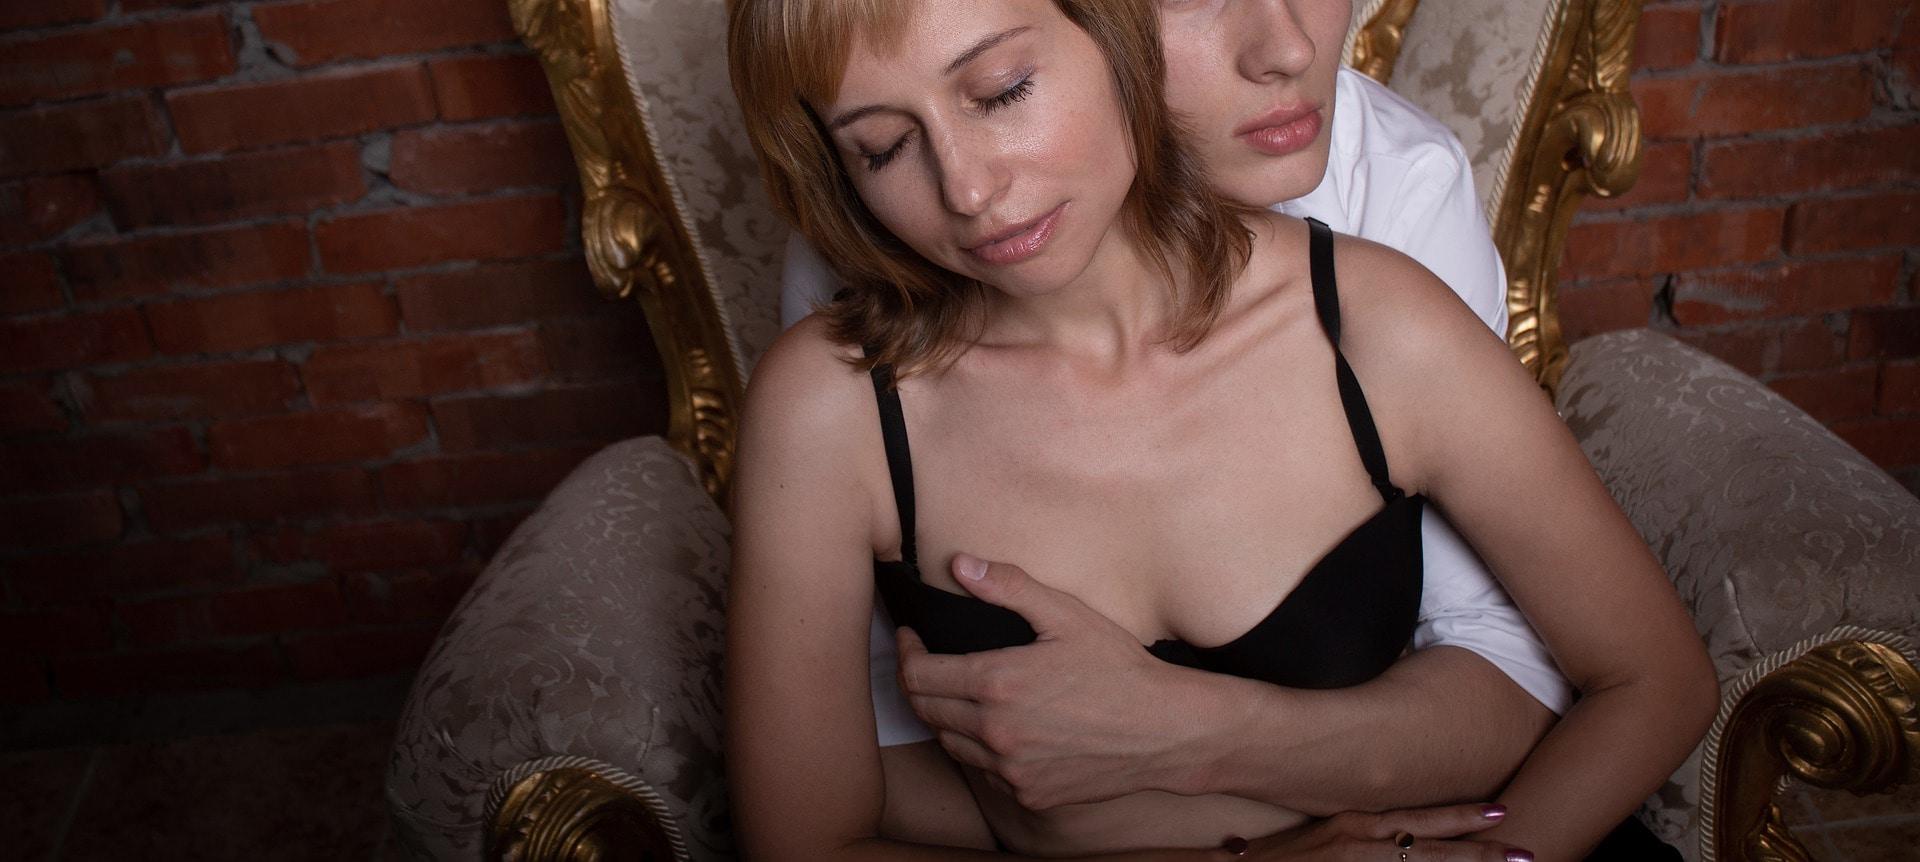 Если союз изначально строился исключительно на сексуальном влечении, то после секса их взаимодействие прекратится